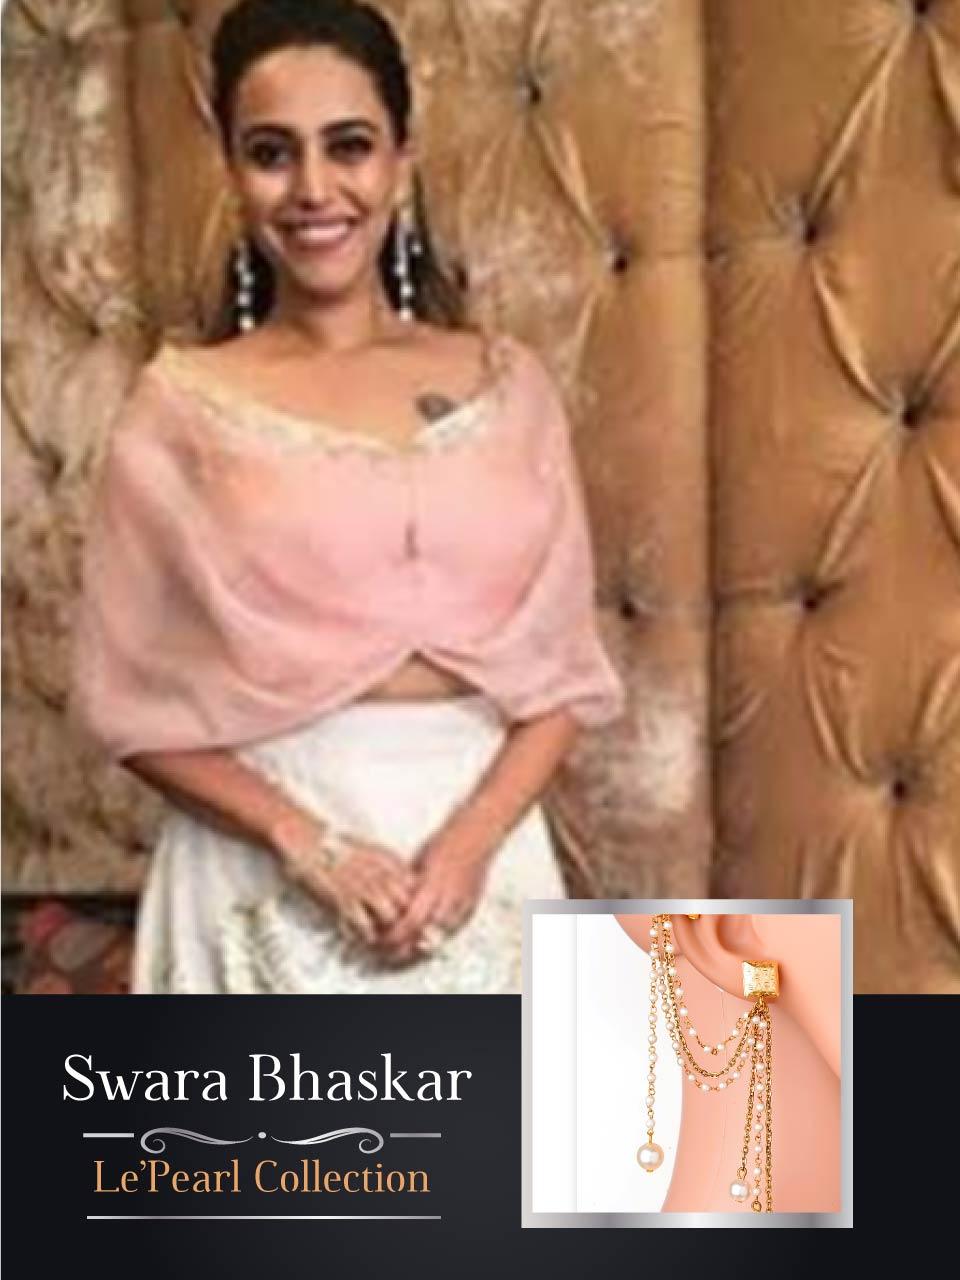 swara-bhaskar-02